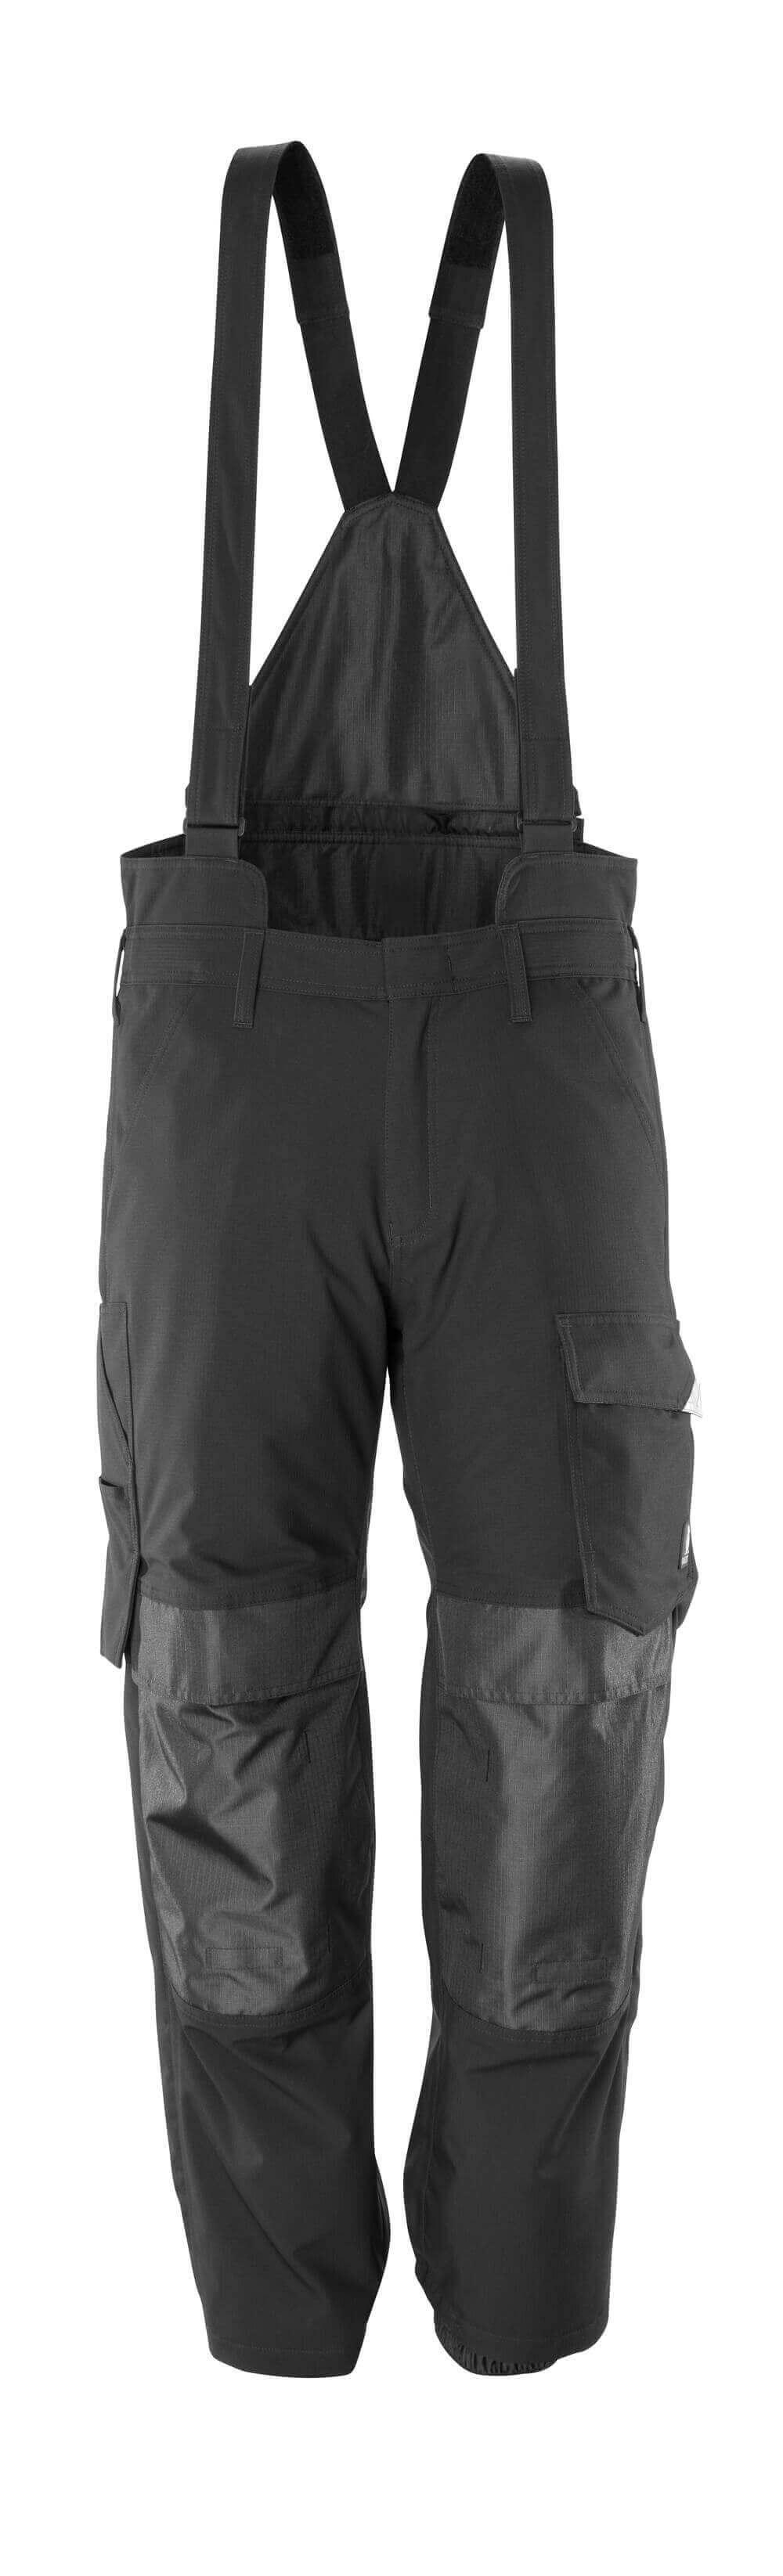 17090-222-09 Cubre pantalón con bolsillos para rodilleras - negro